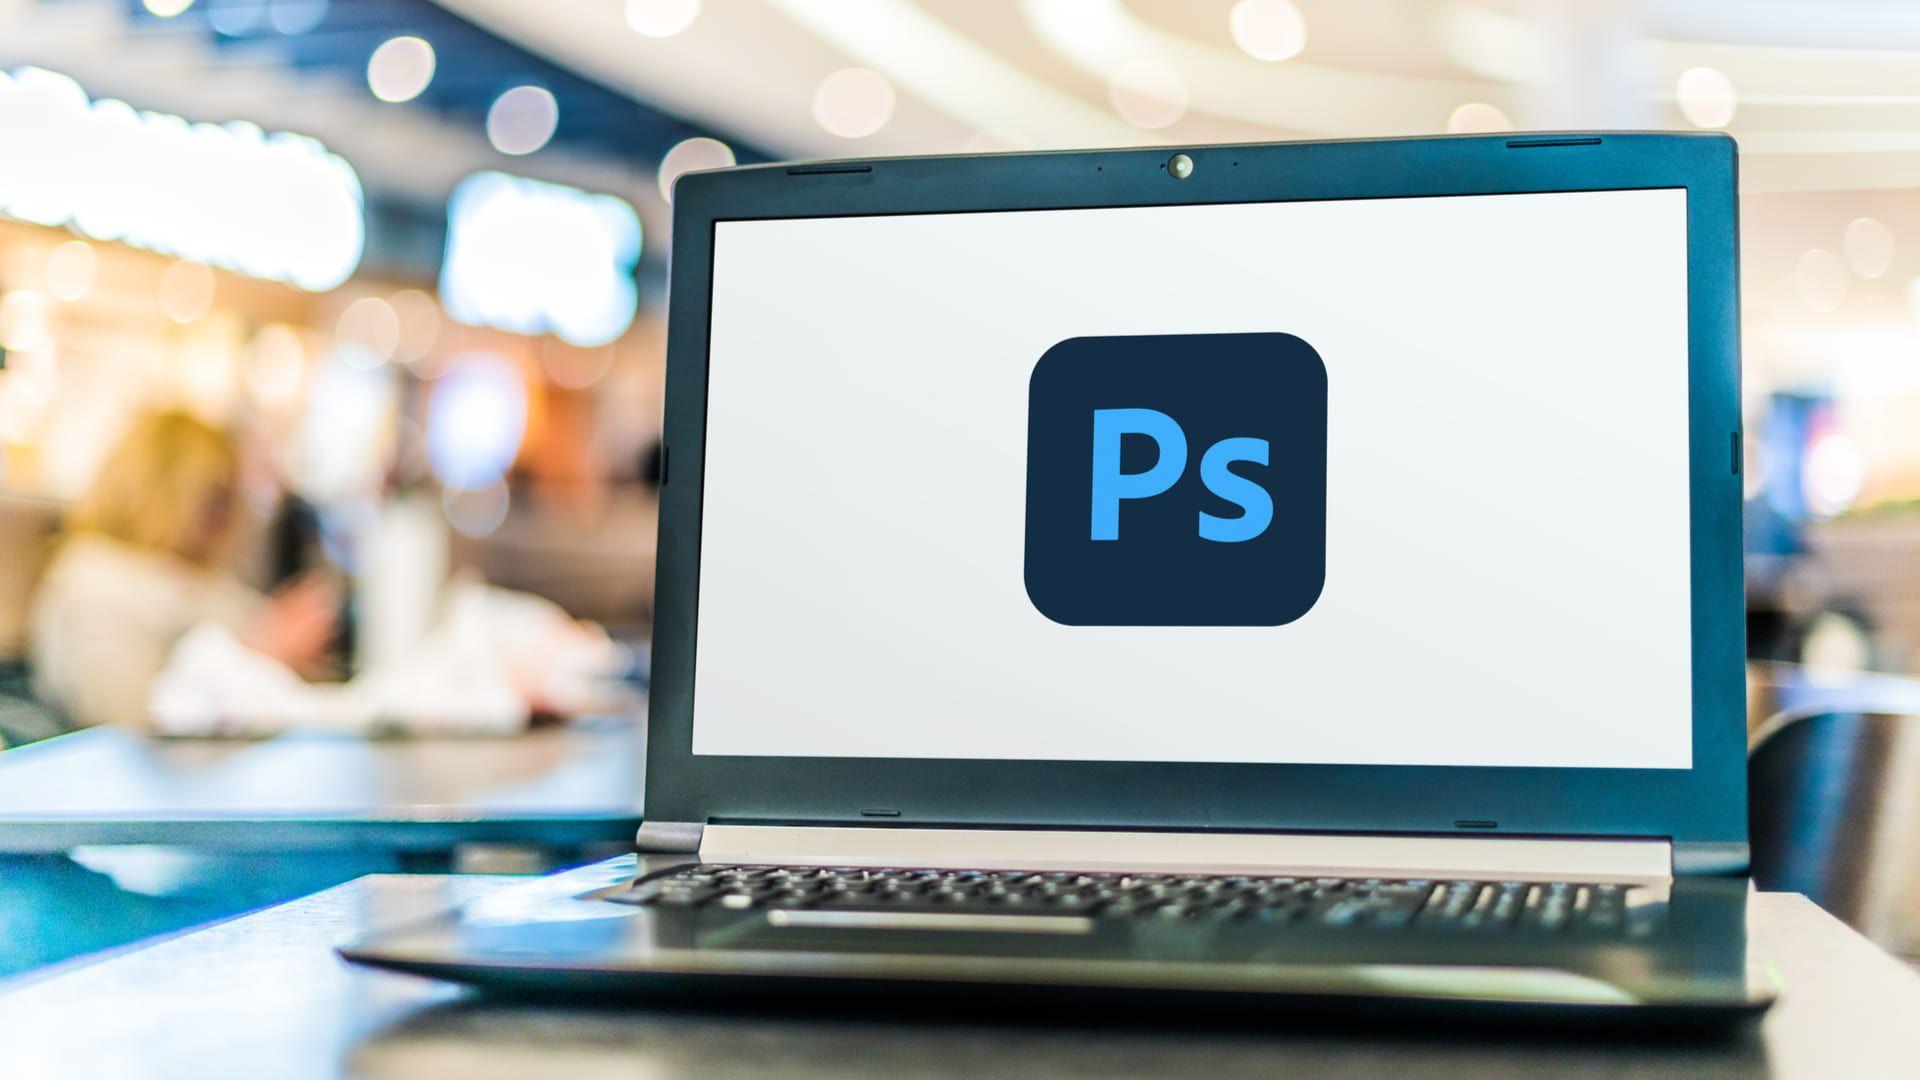 O Adobe Photoshop é um dos programas para melhorar qualidade da foto mais famosos do mundo (Fonte: Shutterstock)